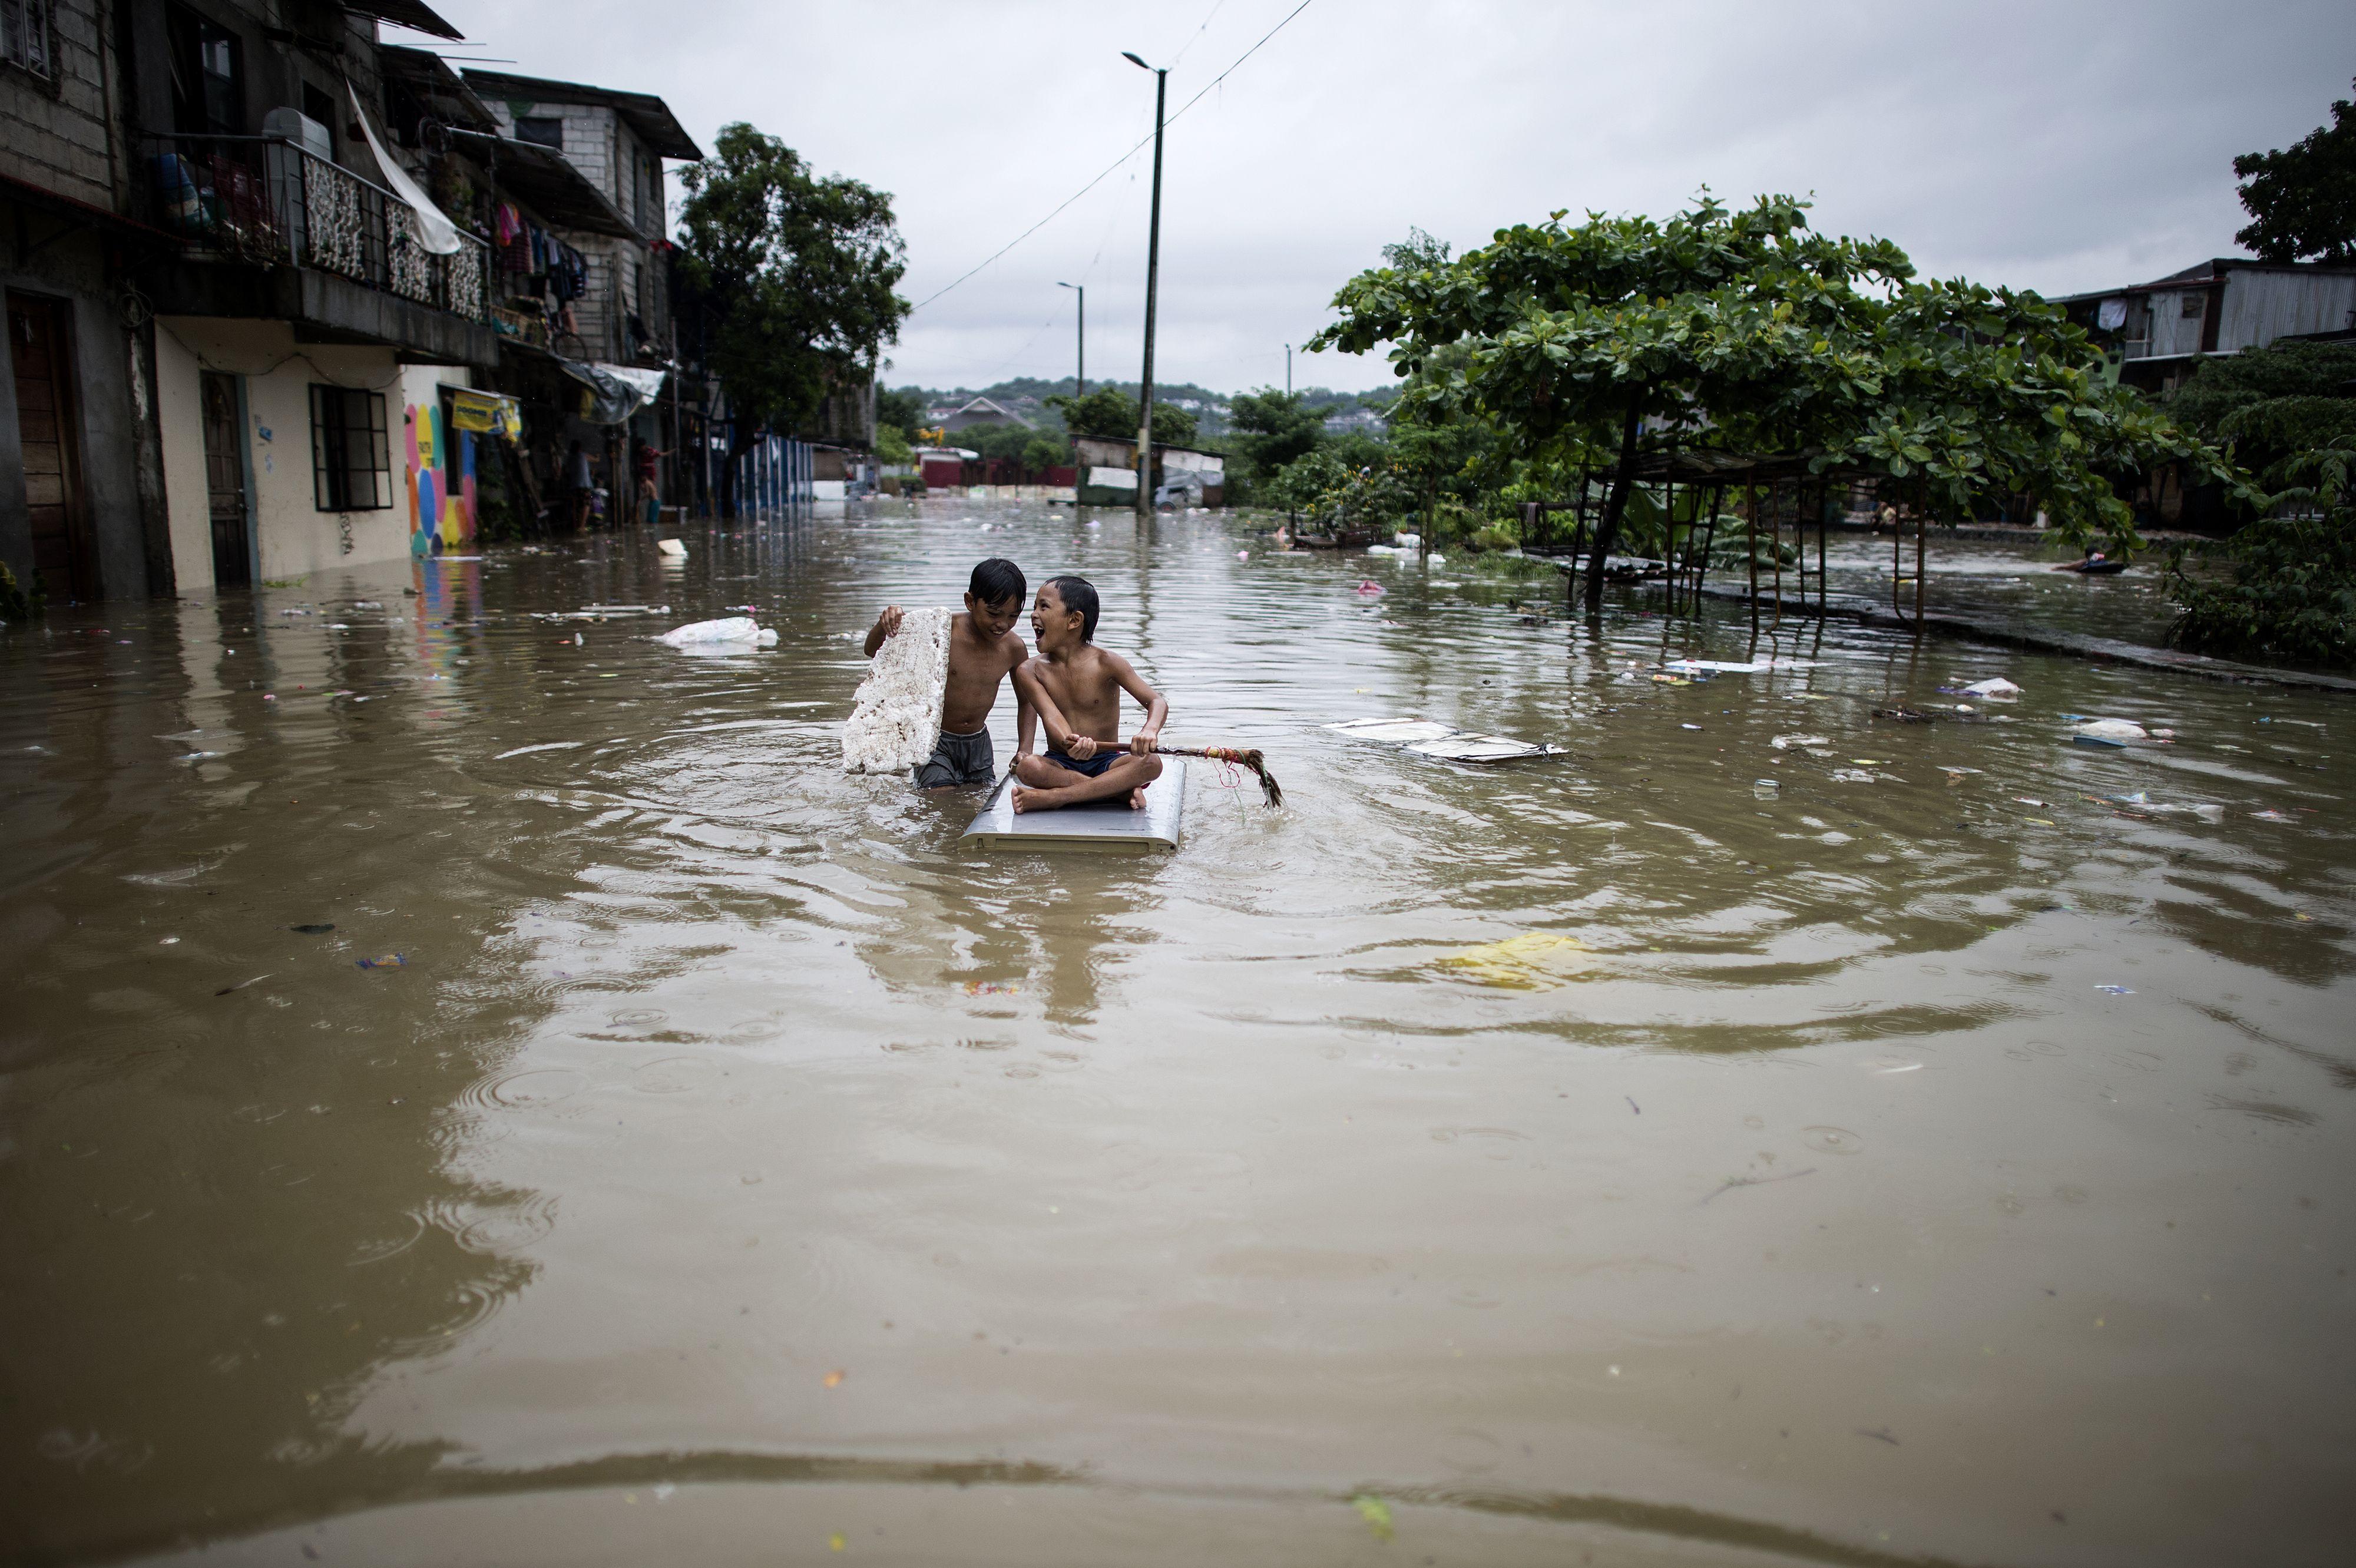 هروب السكان من الفيضانات